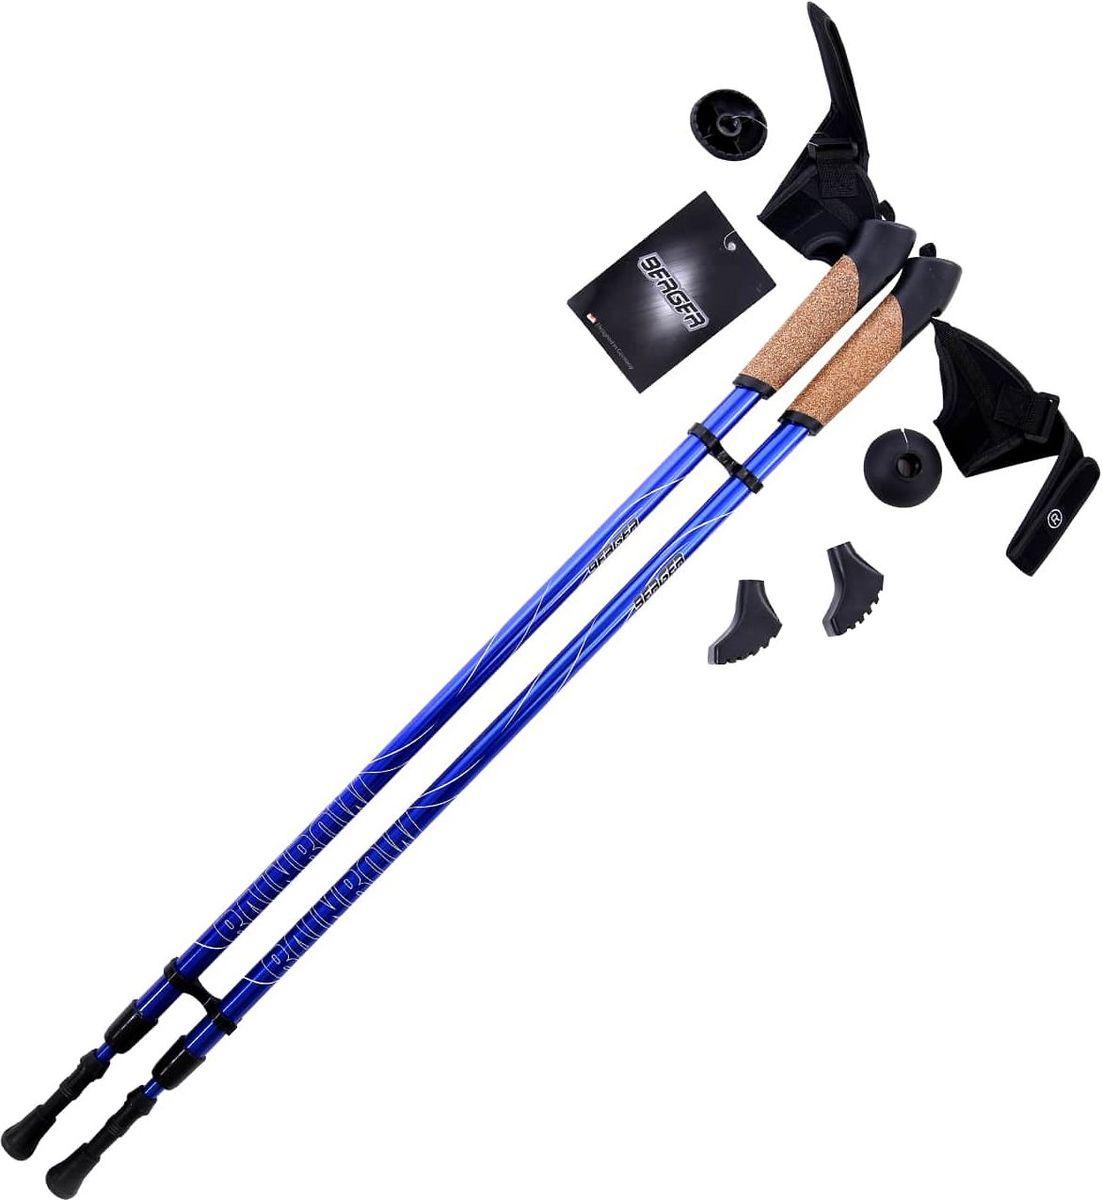 Палки для скандинавской ходьбы Berger  Rainbow , двухсекционные, цвет: синий, 86-140 см - Скандинавская ходьба